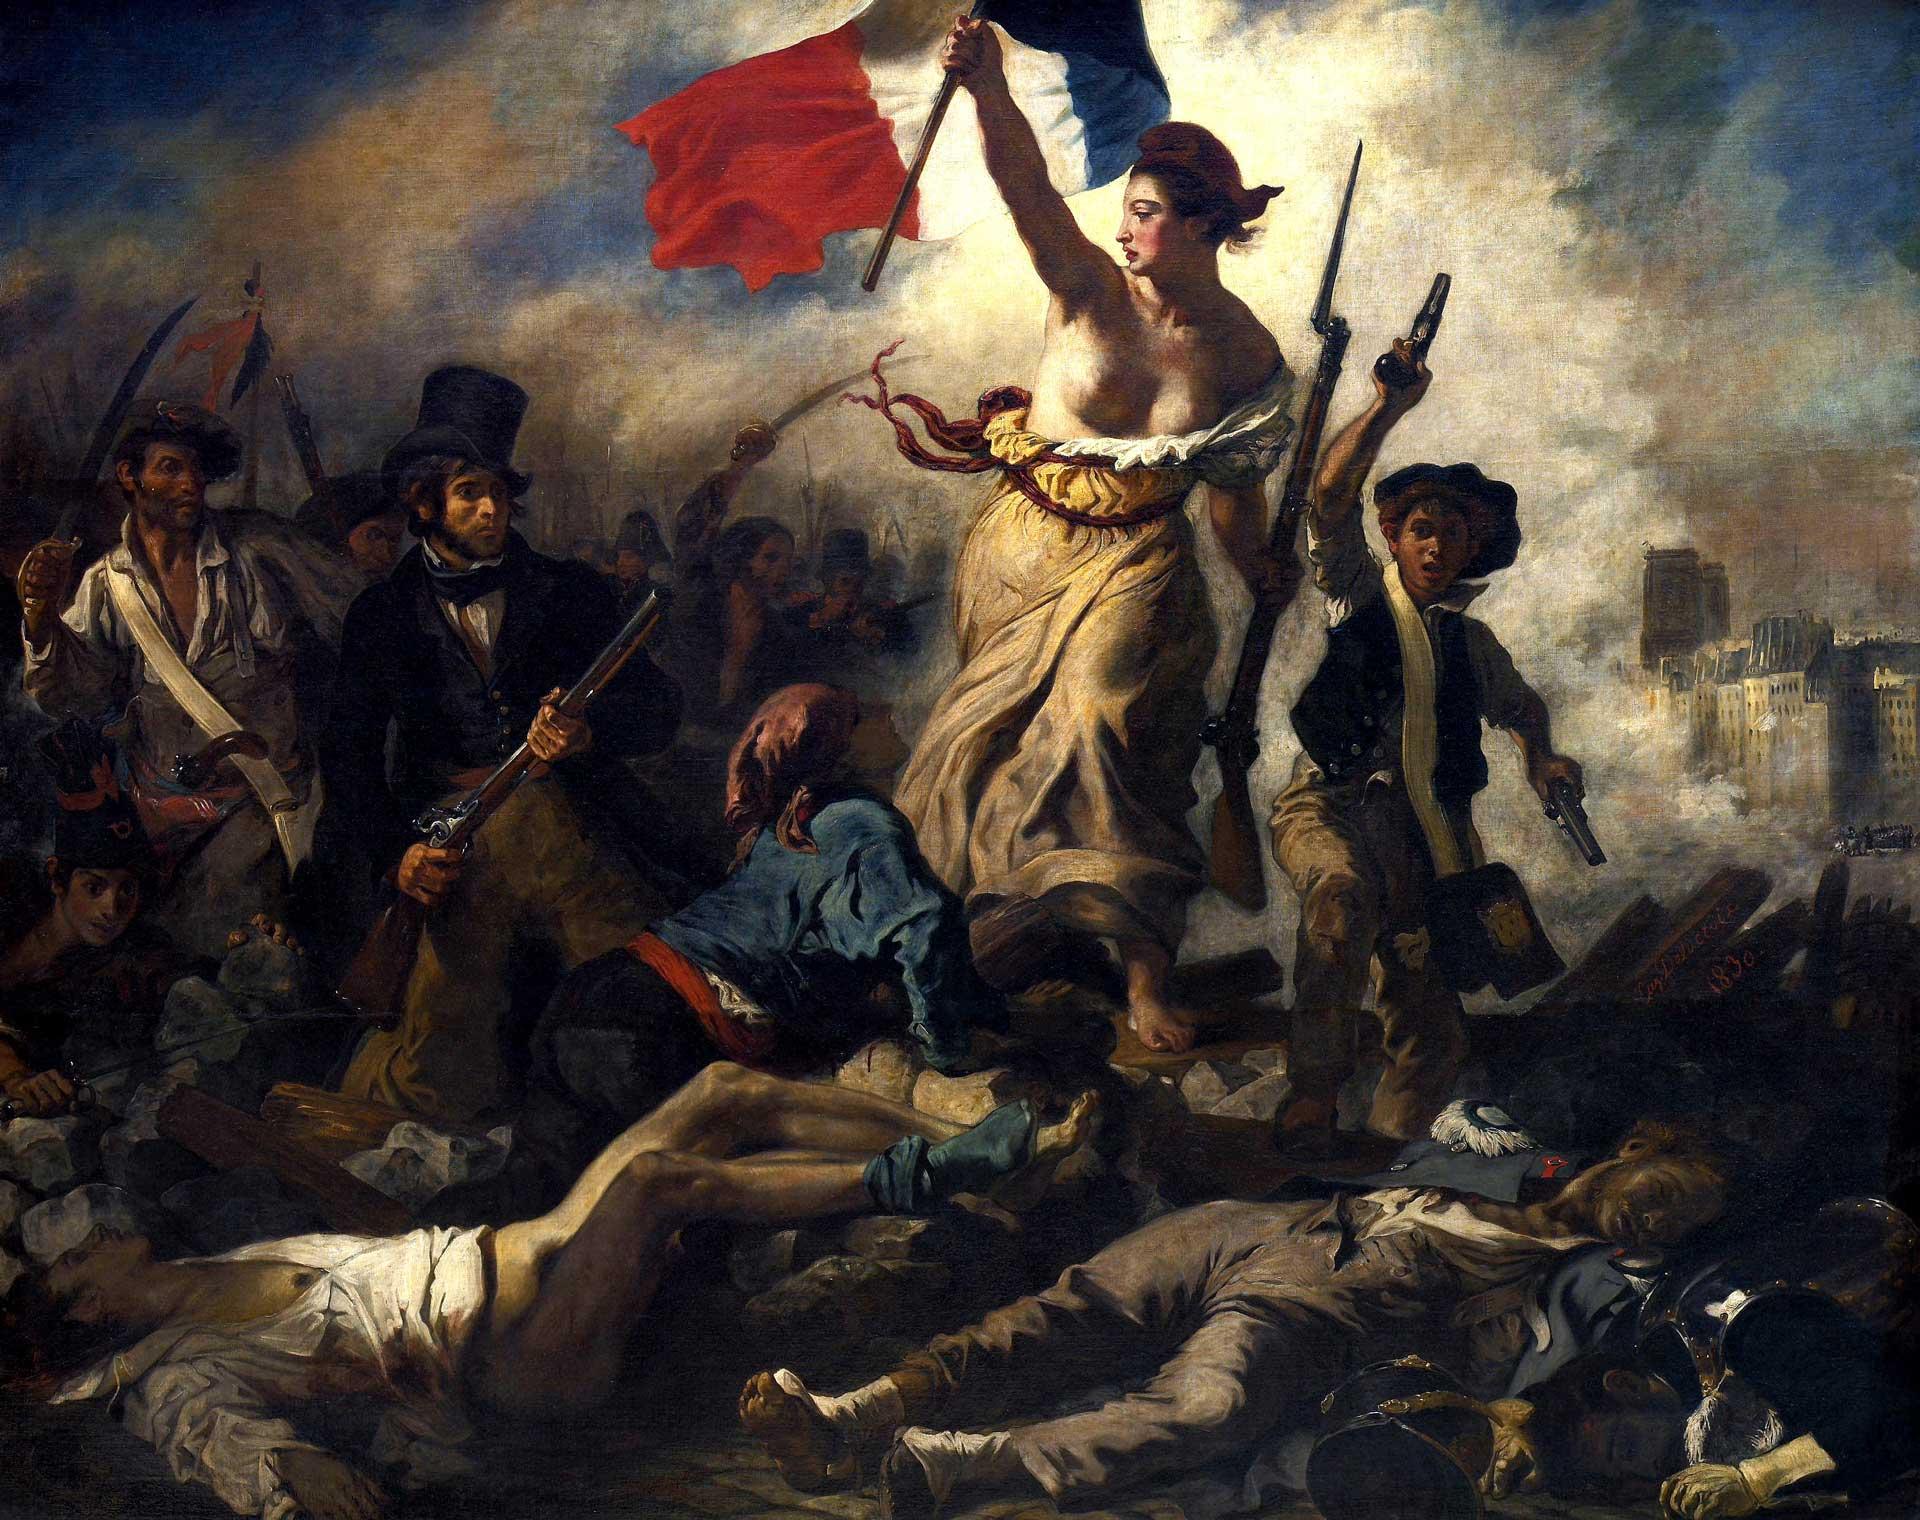 La Liberté guidant le peuple, huile sur toile d'Eugène Delacroix réalisée en 1830, inspirée de la révolution des Trois Glorieuses